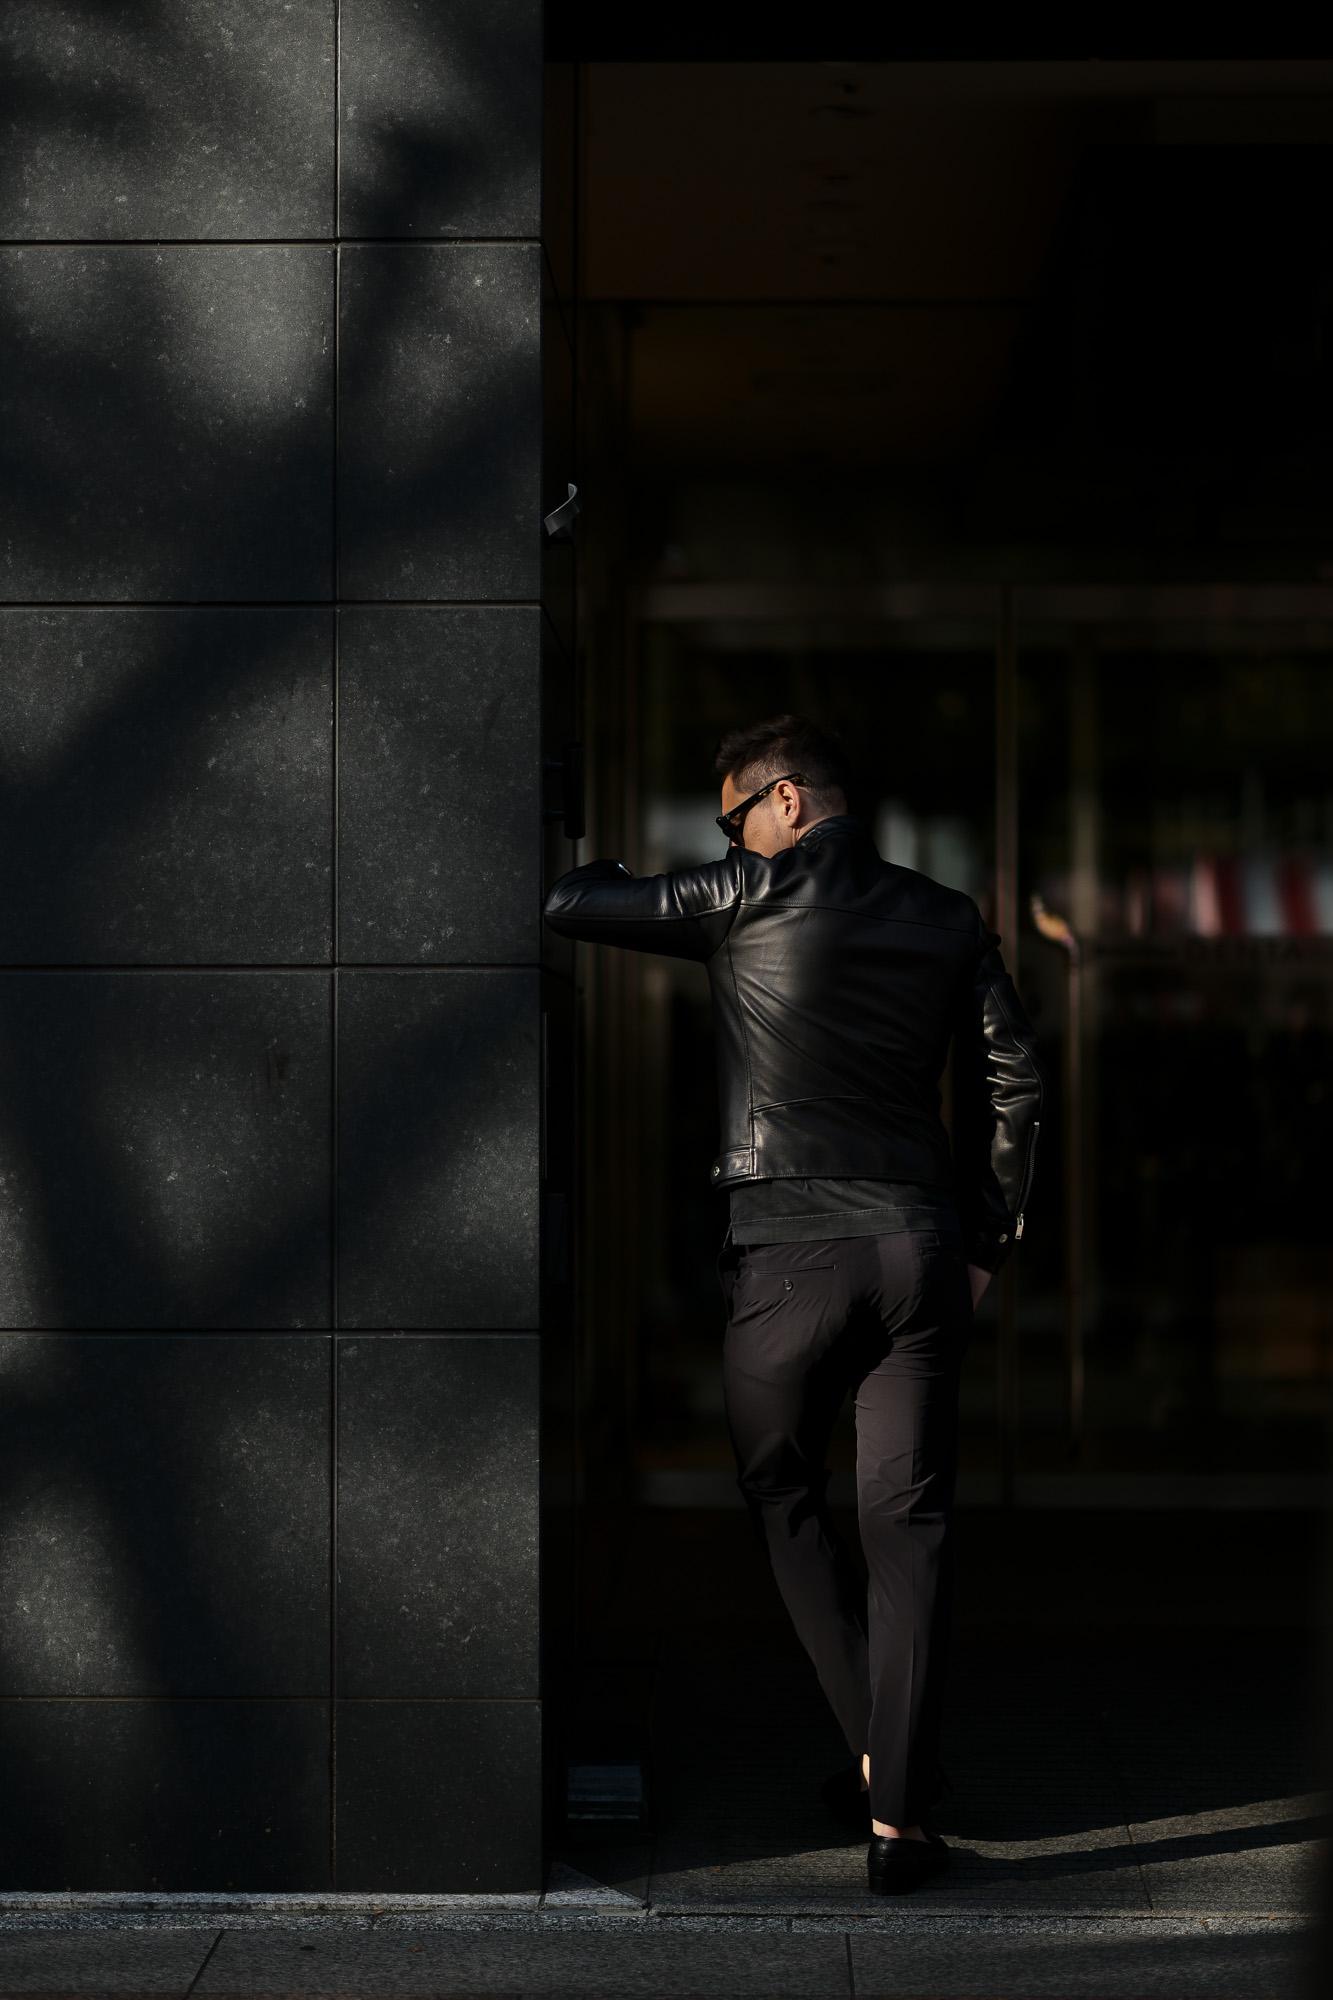 FIXER(フィクサー) F1(エフワン) DOUBLE RIDERS Cow Leather ダブルライダース ジャケット BLACK(ブラック) 【ご予約受付中】【2020.3.14(Sat)~2020.3.29(Sun)】愛知 名古屋 altoediritto アルトエデリット